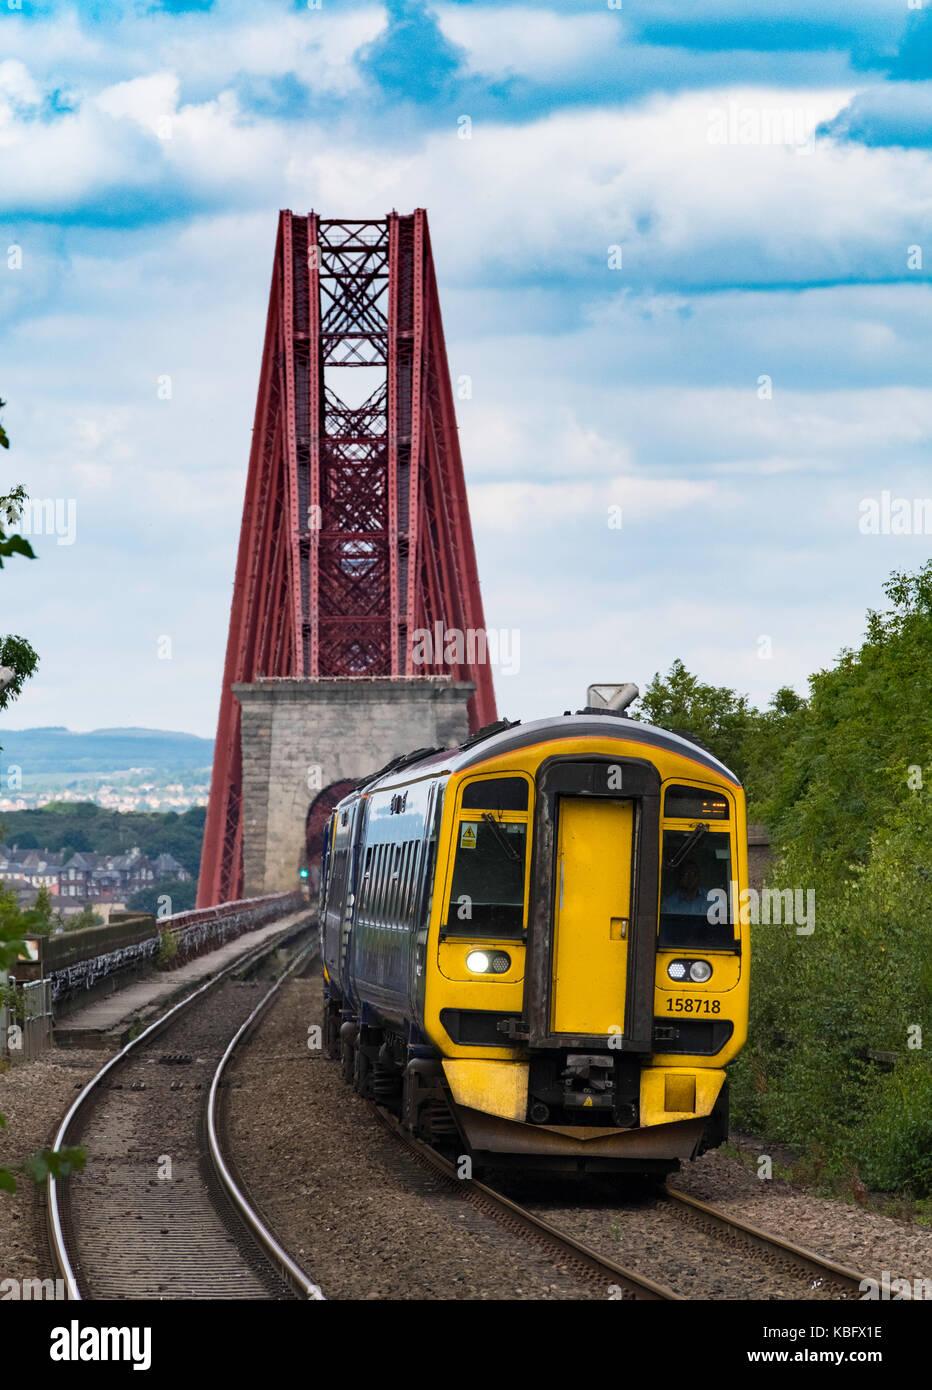 Vista del passeggero scotrail Treno in avvicinamento dalmeny station dopo aver attraversato il ponte Forth Railway Immagini Stock